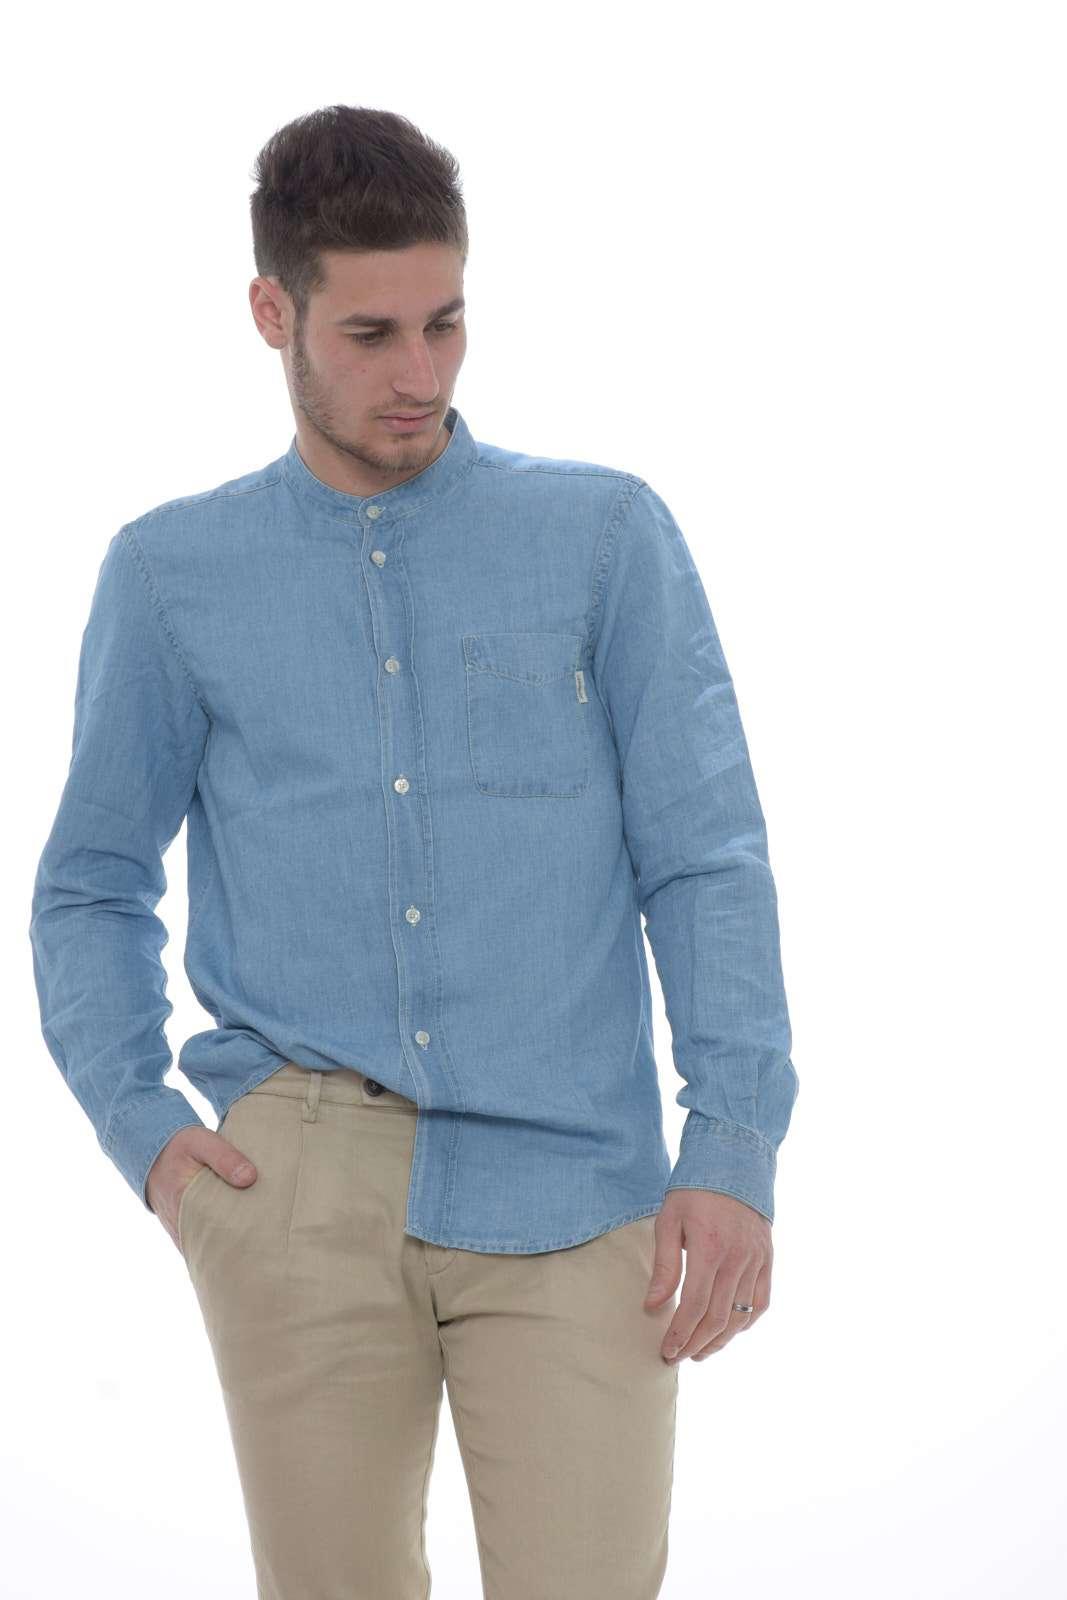 Una camicia leggera, perfetta per sfoggiare look eleganti e moderni nelle giornate primaverili. Da indossare con una t-shirt, o con sopra una giacca per outfit versatili in tutte le occasioni.  Il modello è alto 1.80m e indossa la taglia M.